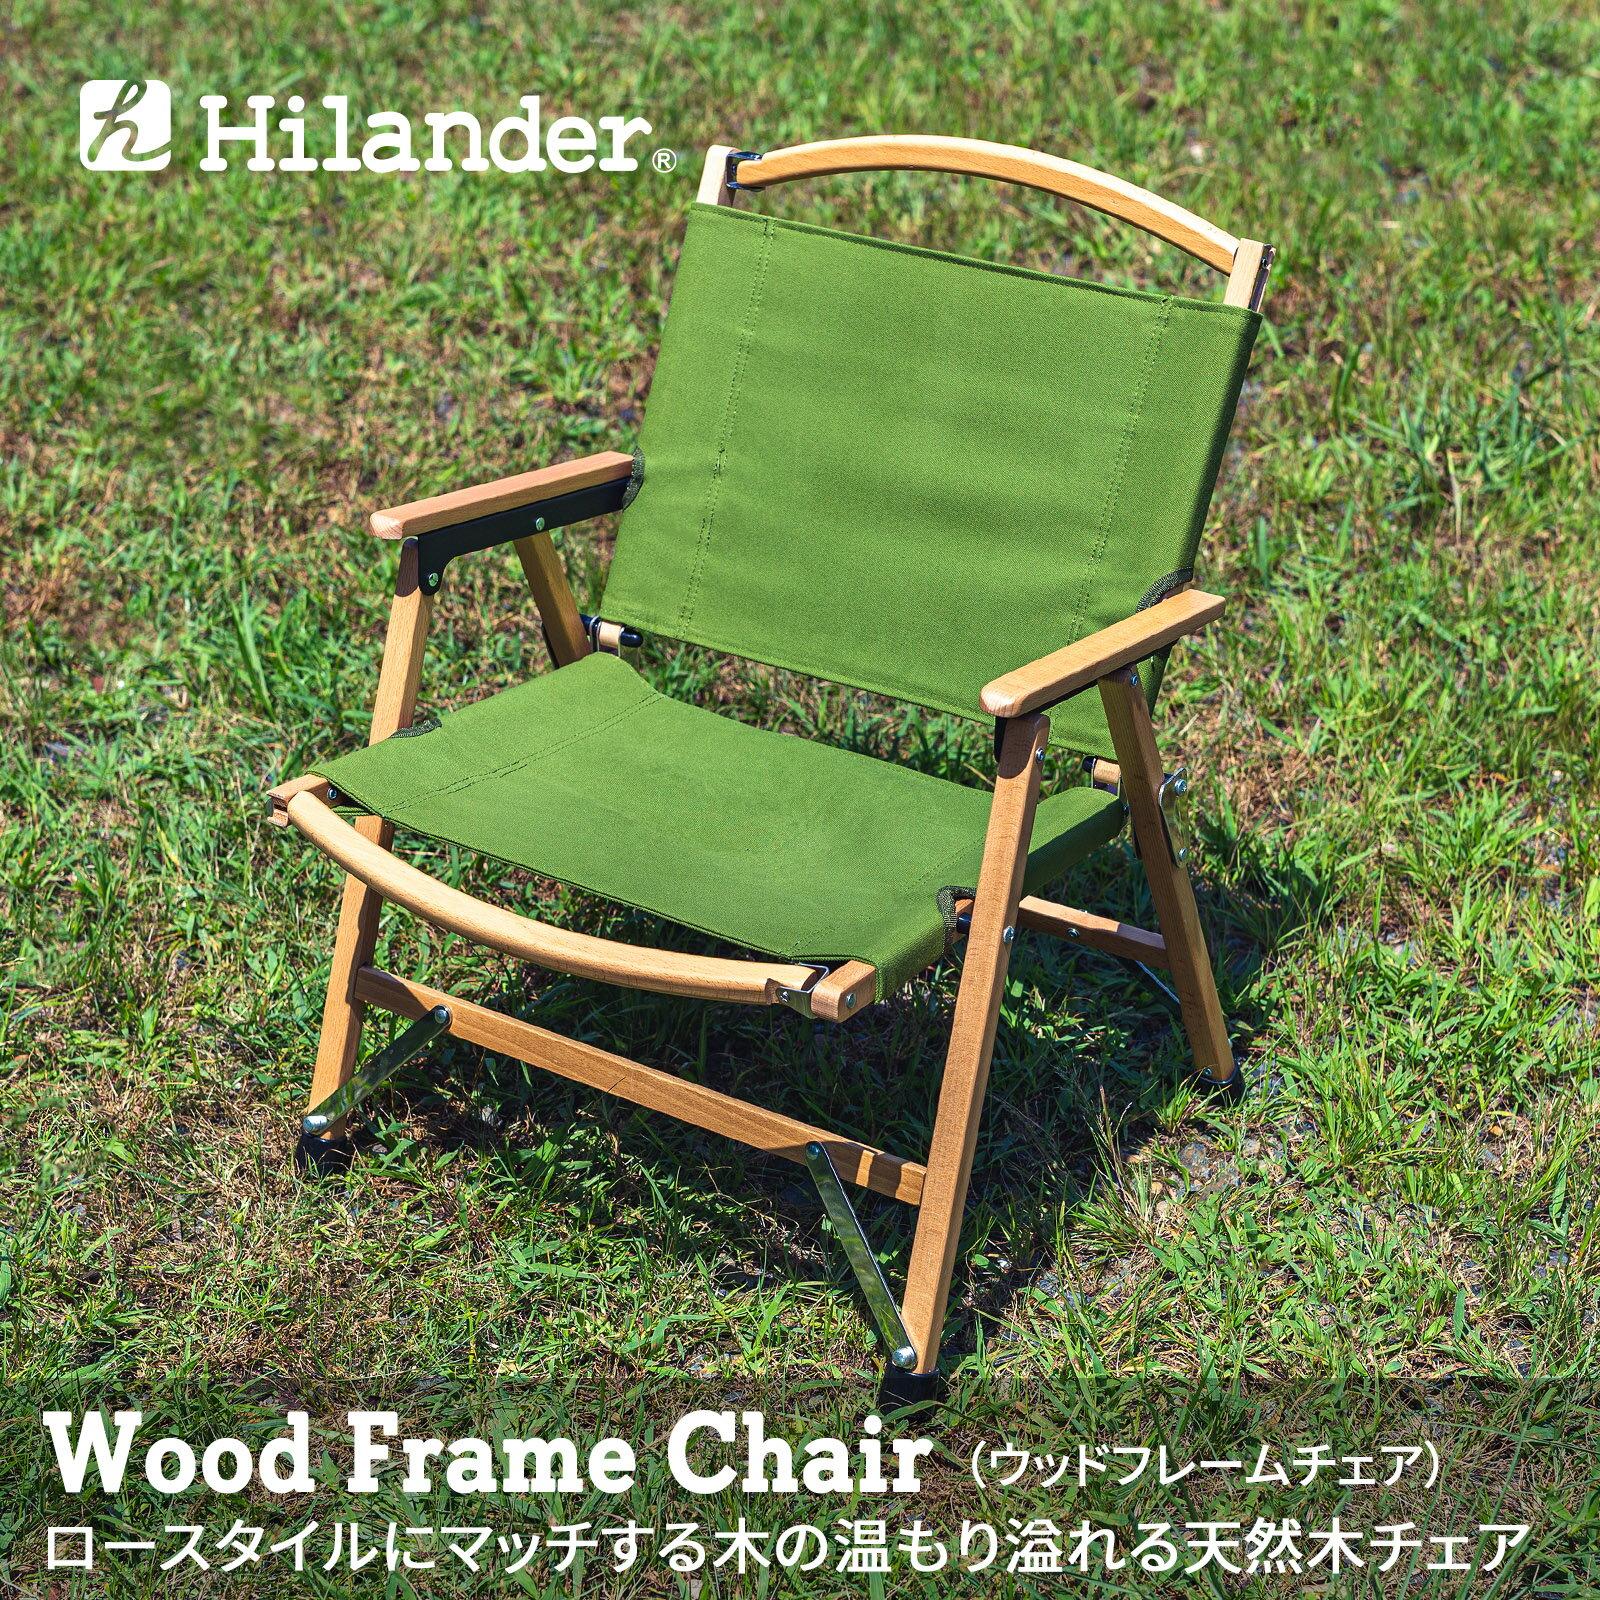 ナチュラム Hilander ウッドフレームチェア コットン